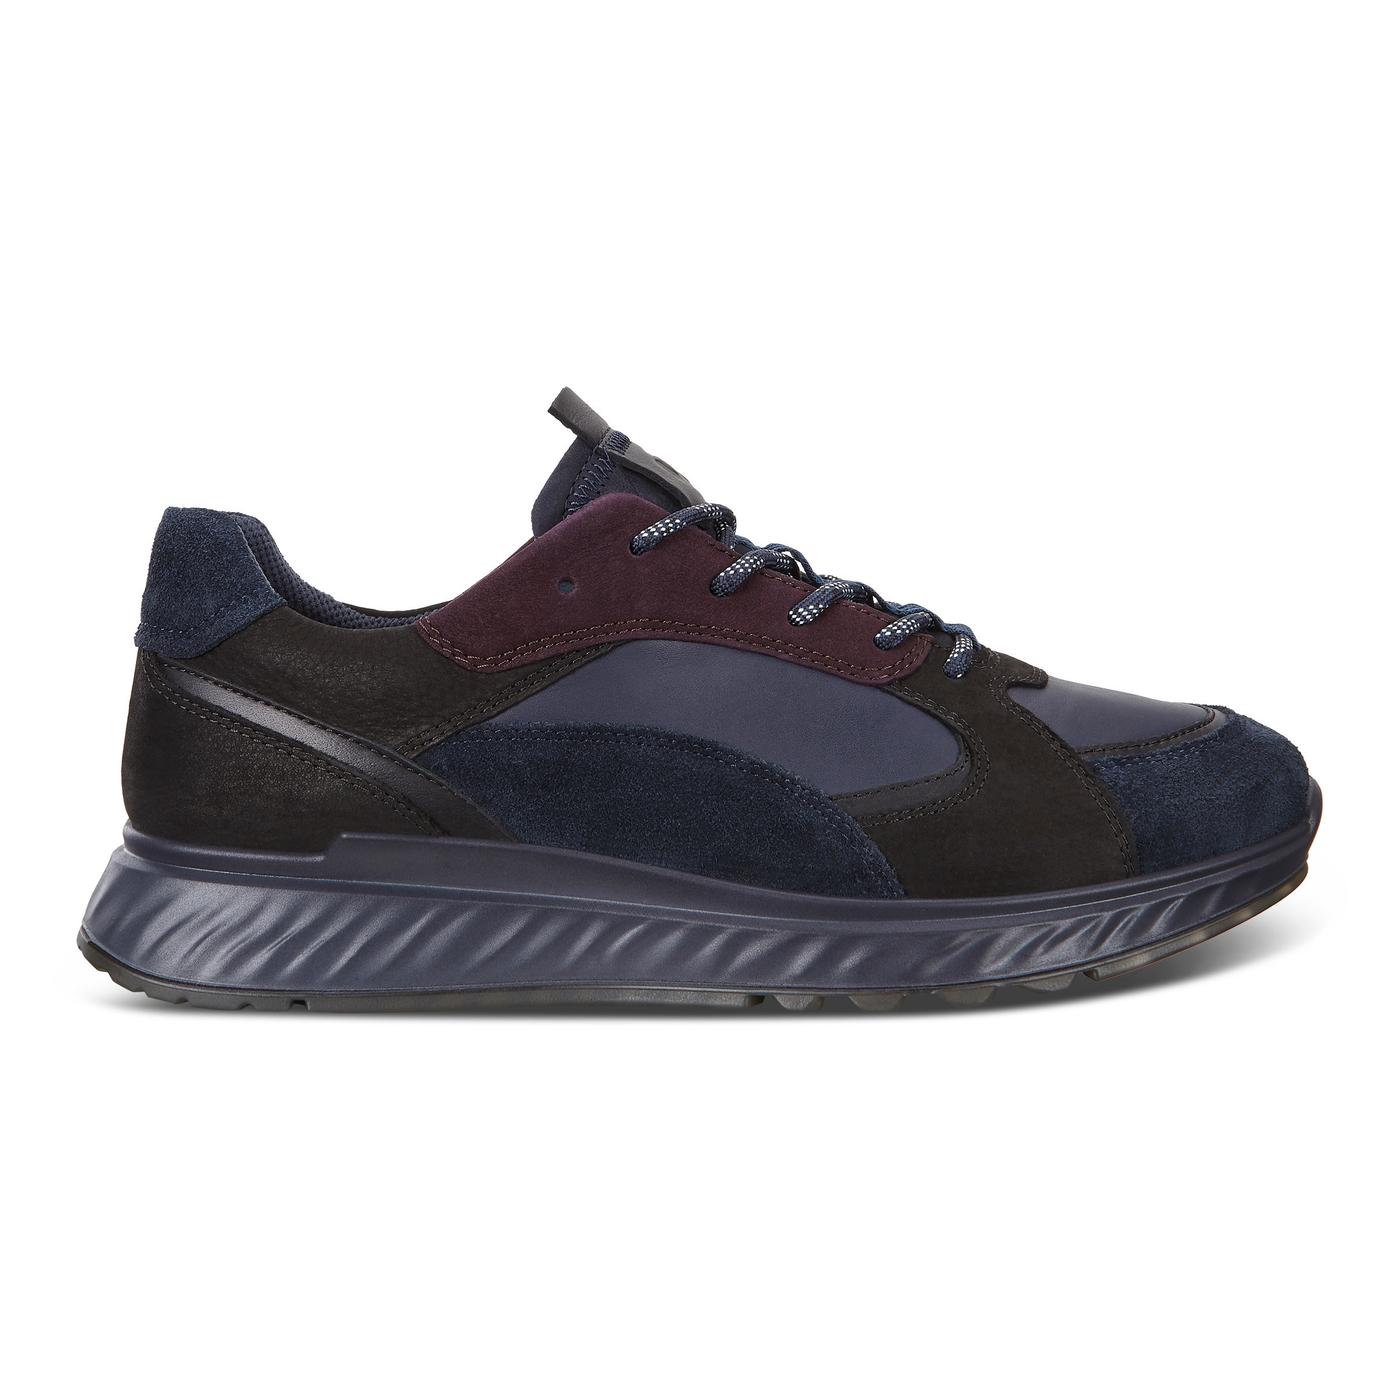 ECCO ST.1 Mens Multicolor Sneaker Tie